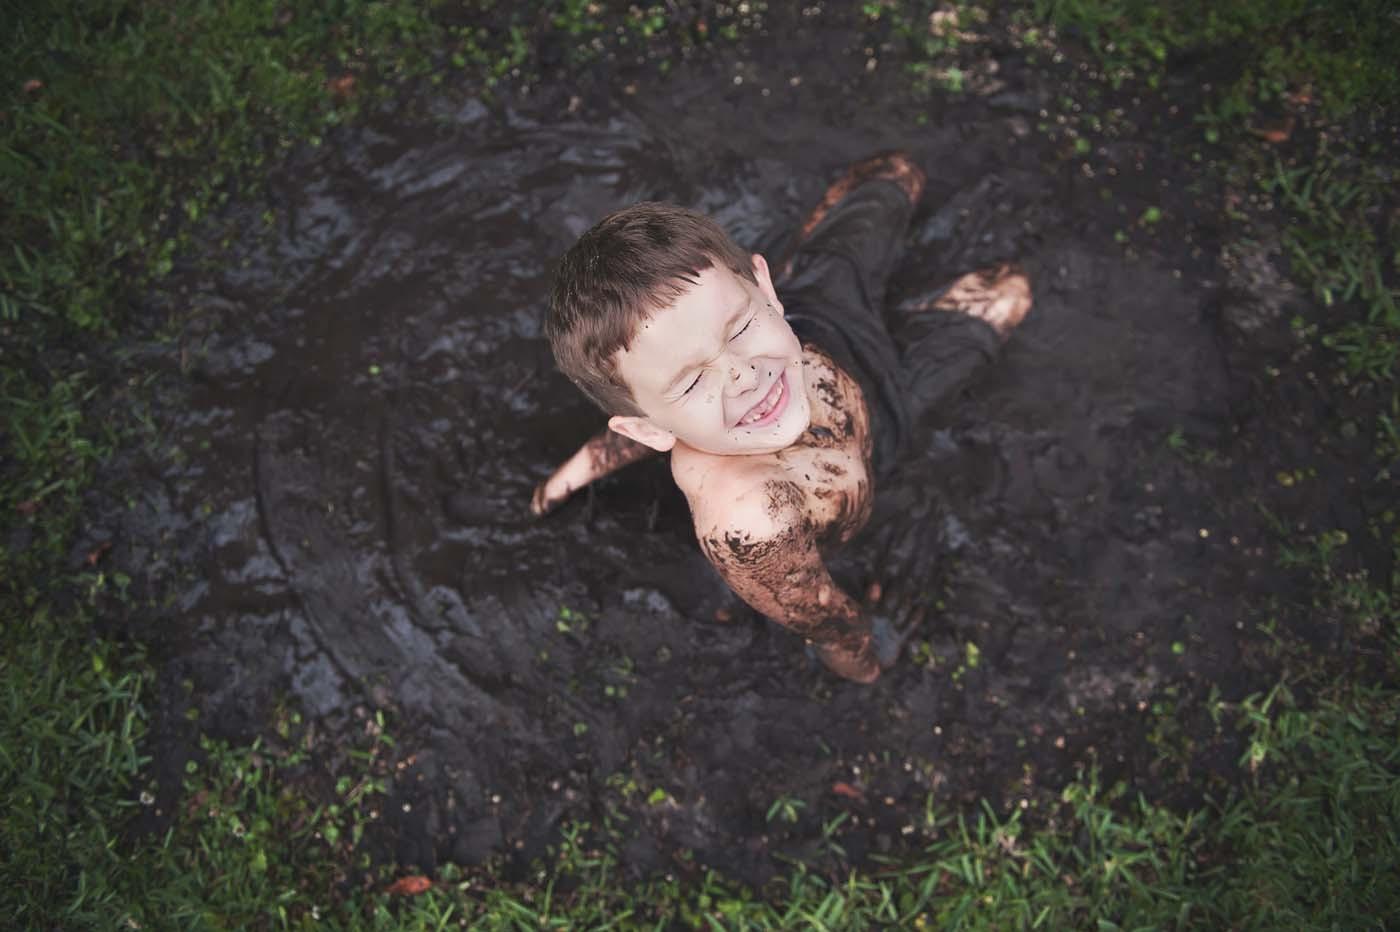 Backyard Mud Bath by Amanda Burr